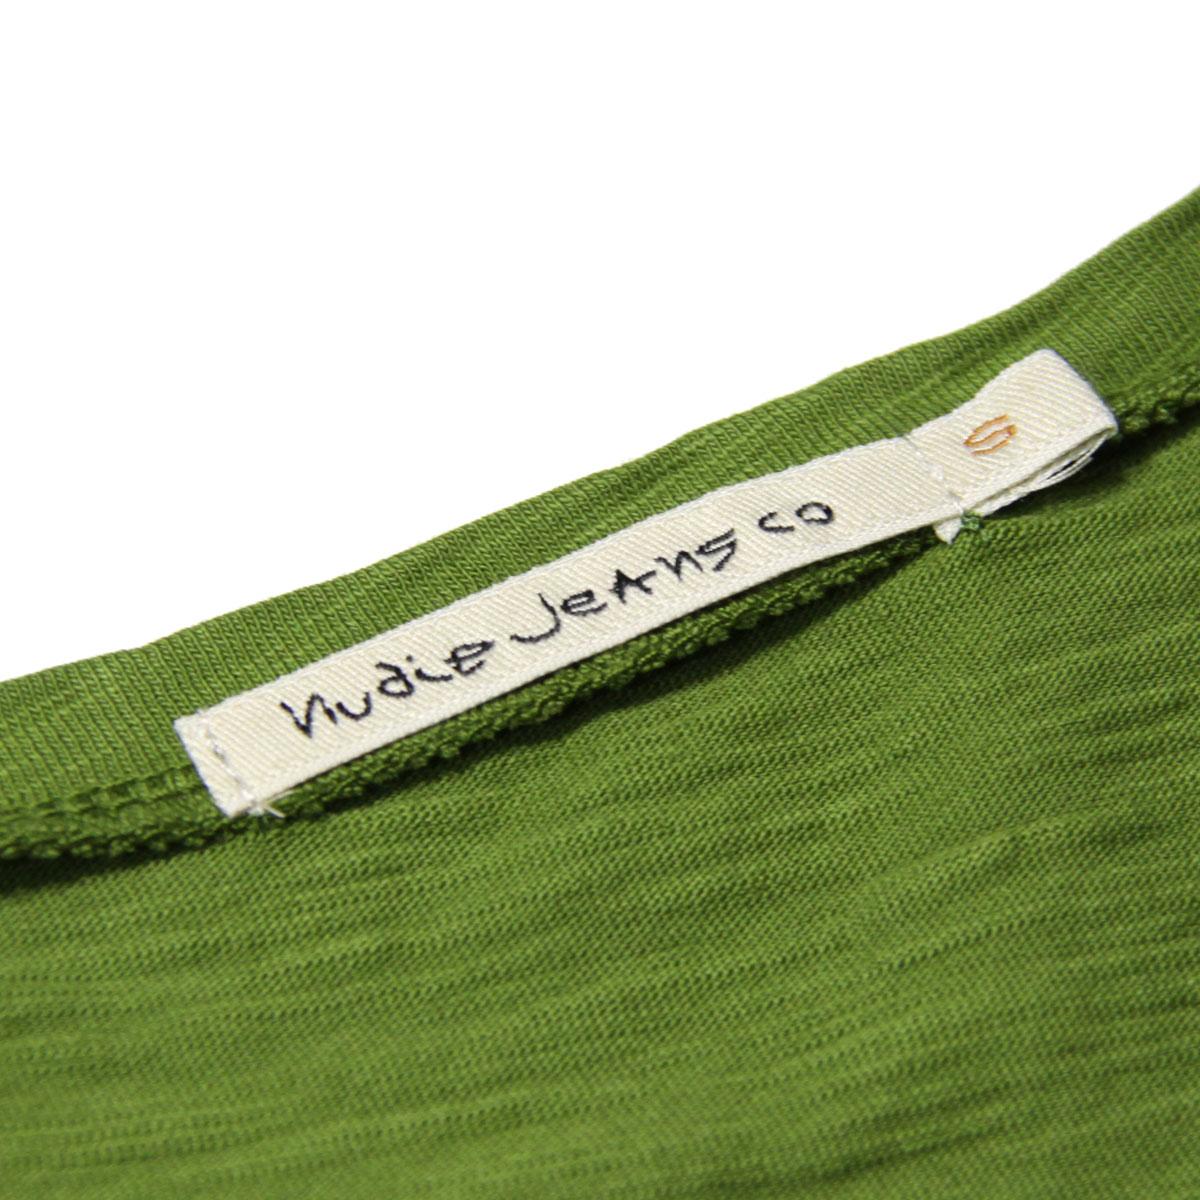 ヌーディージーンズ Tシャツ 正規販売店 Nudie Jeans 半袖Tシャツ クルーネック ROGER SLUB CREW TEE SHIRT PEA G22 131484 A62B B1C C1D D1E E08F